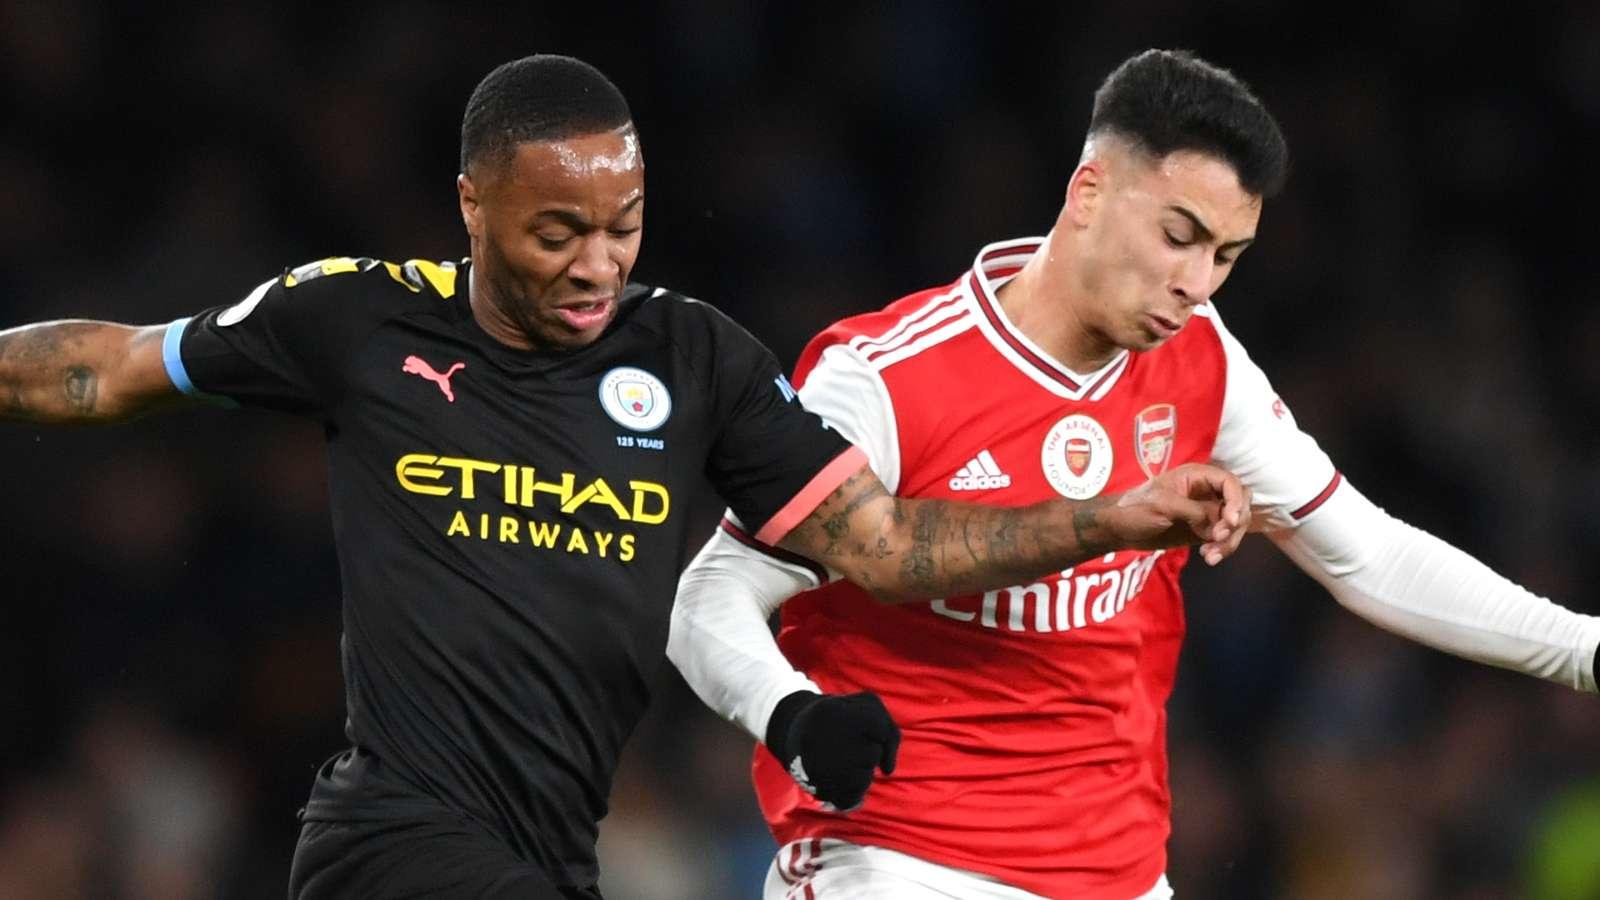 Man City vs Arsenal Postponed Over Coronavirus Fears